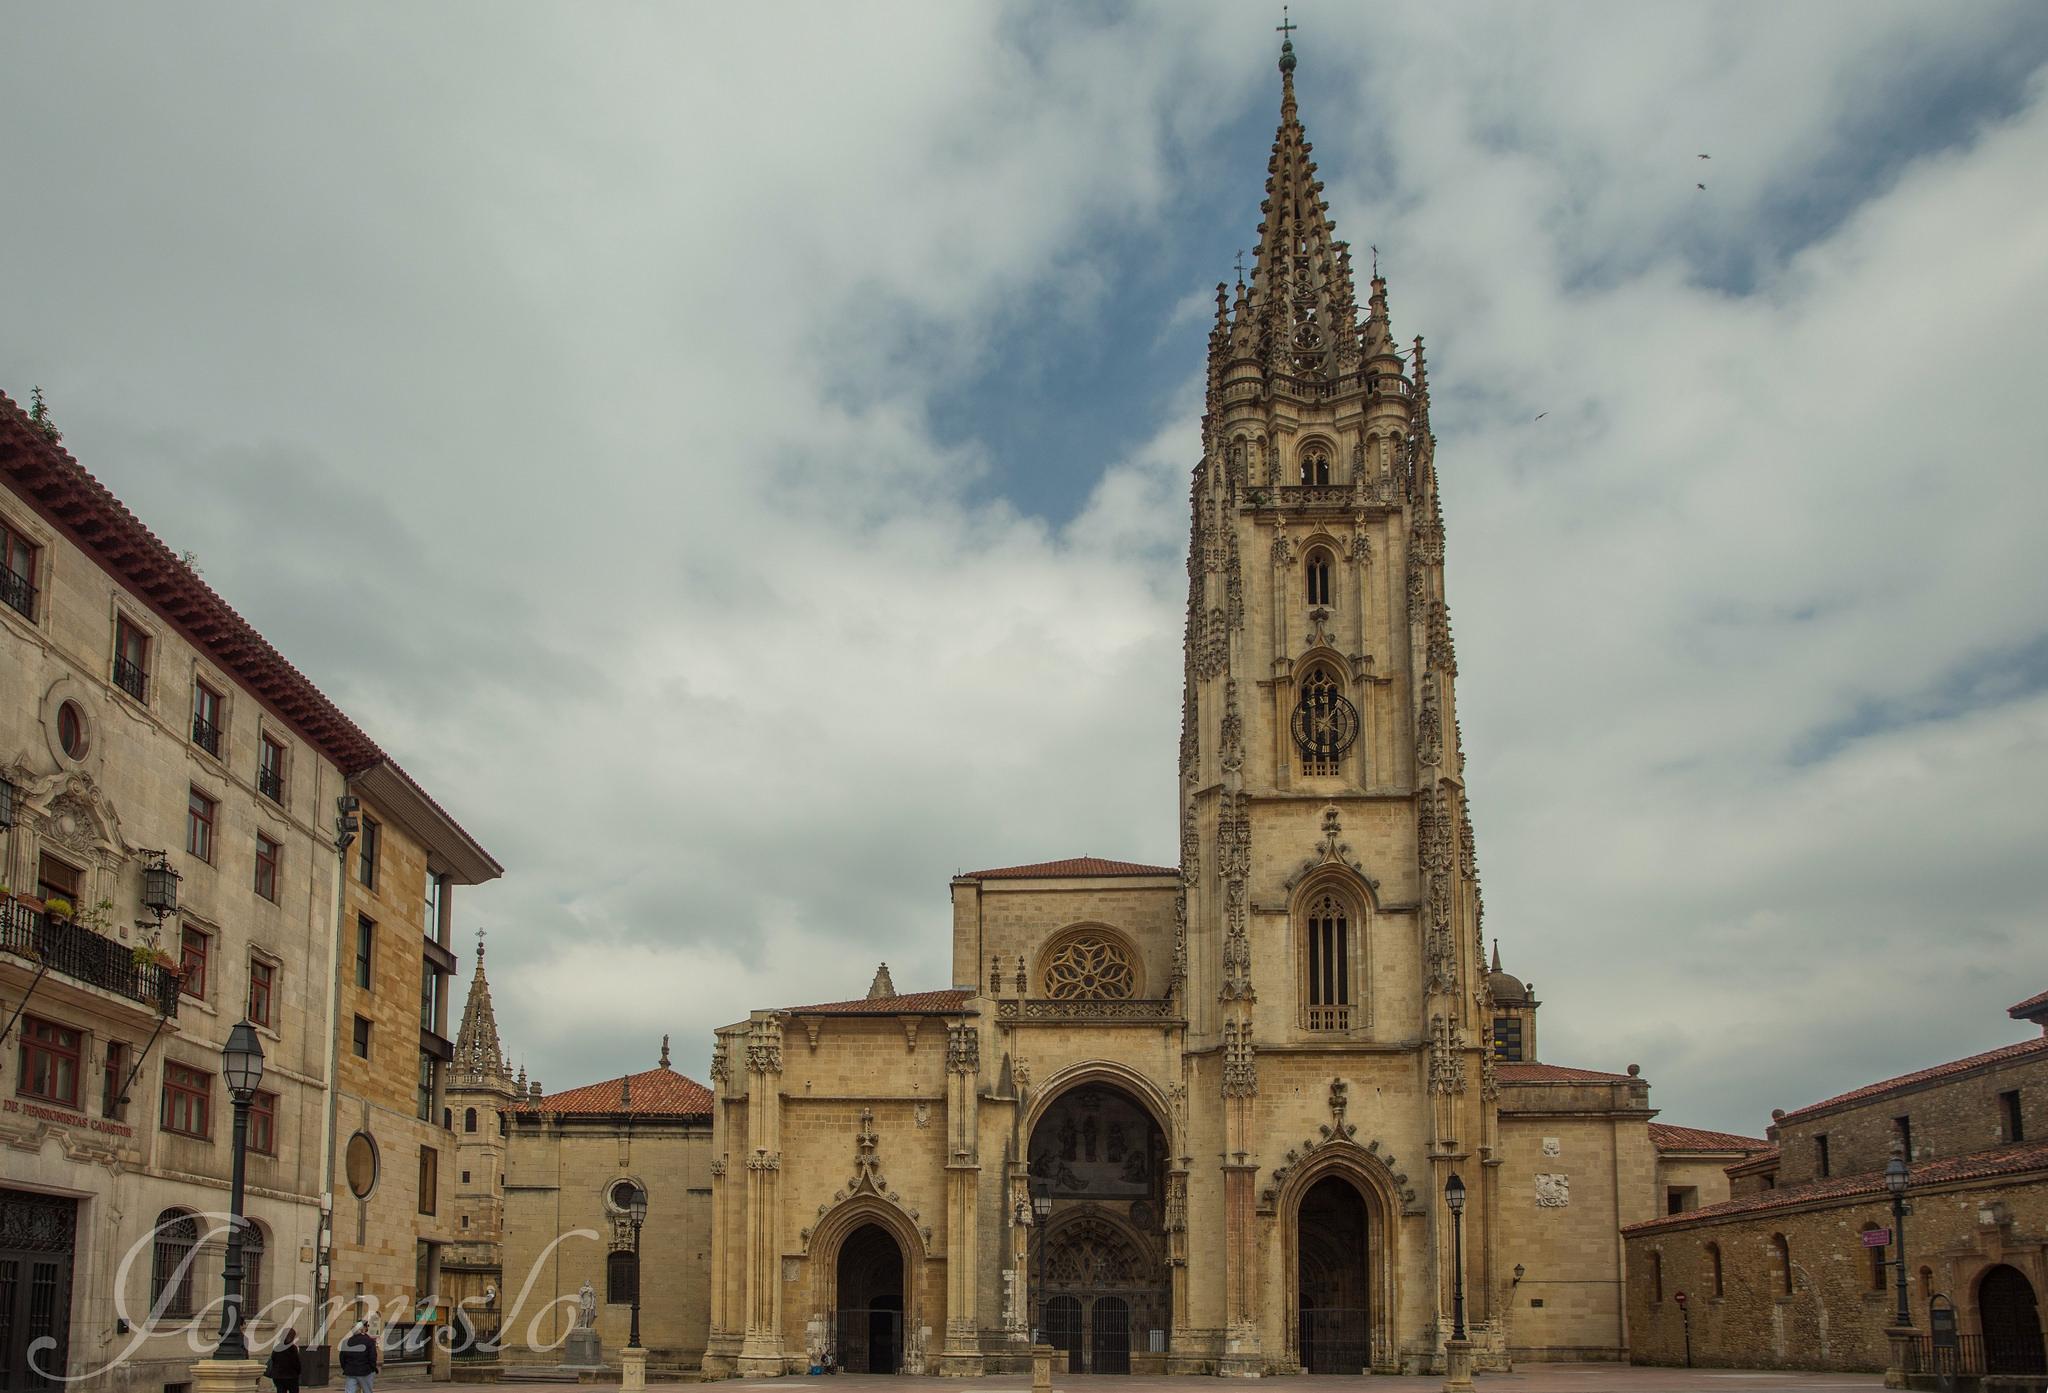 Овьедо, Испания: впечатляющие достопримечательности, прогулки и экскурсии, хорошие рестораны